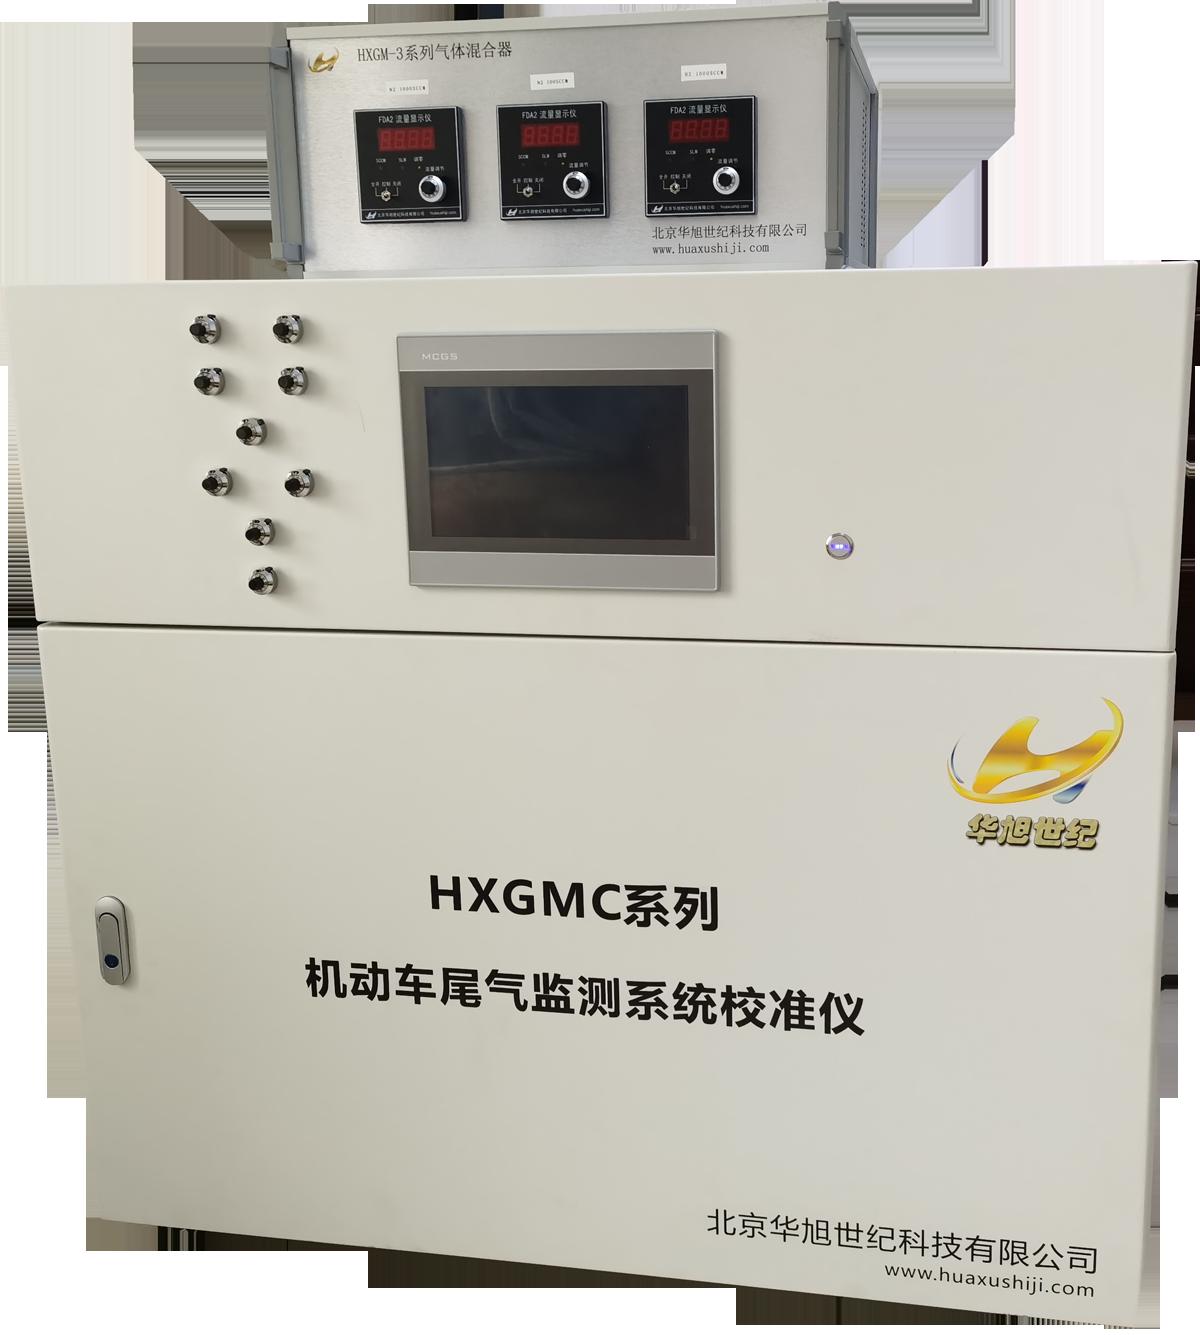 华旭世纪HXGMC系列机动车尾气监测系统检定仪